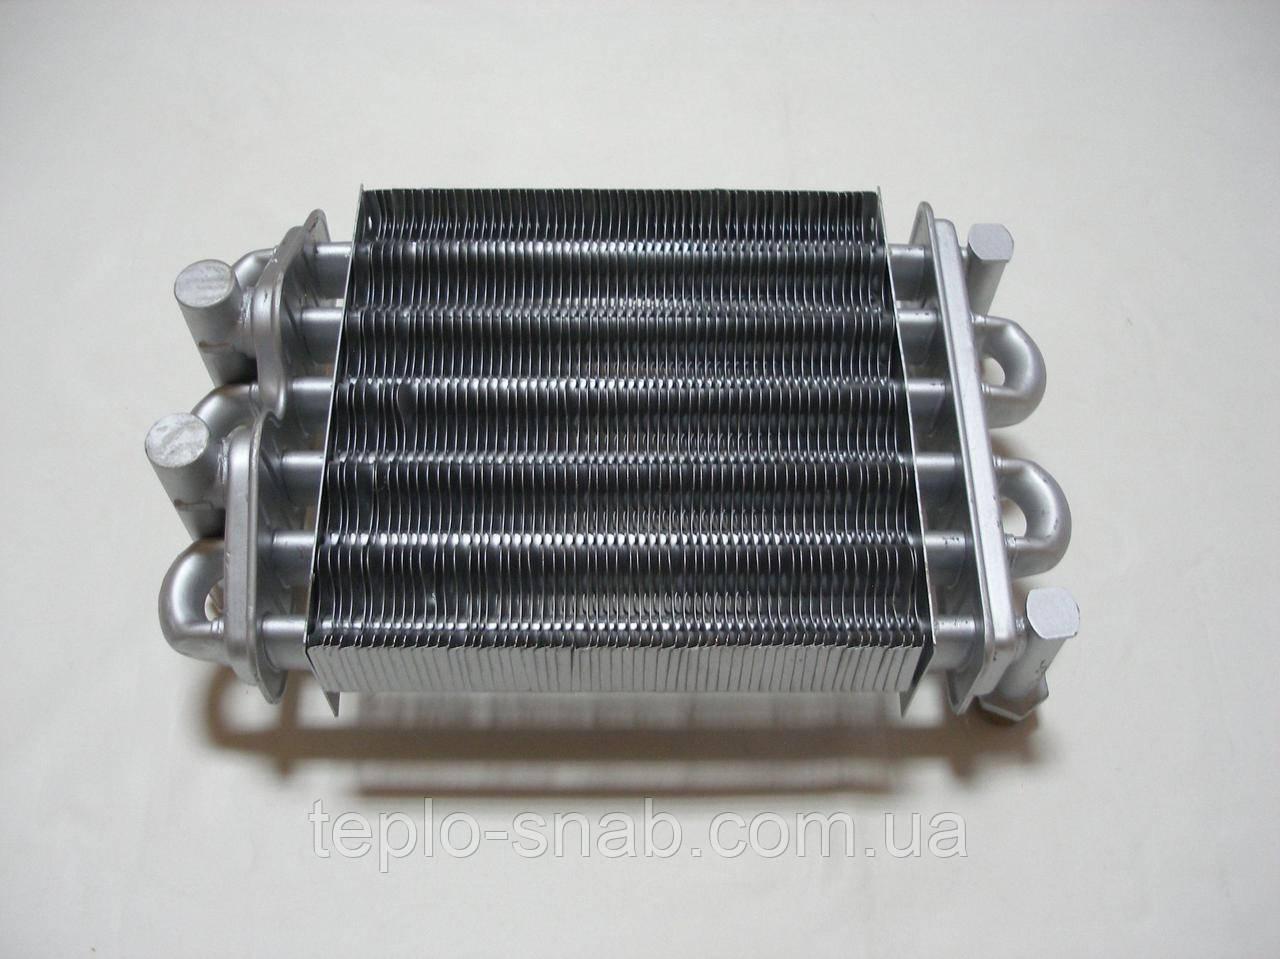 Бітермічний теплообмінник Maxi Boilers 18 SE. (185*180 мм., без отворів під температурні датчики).